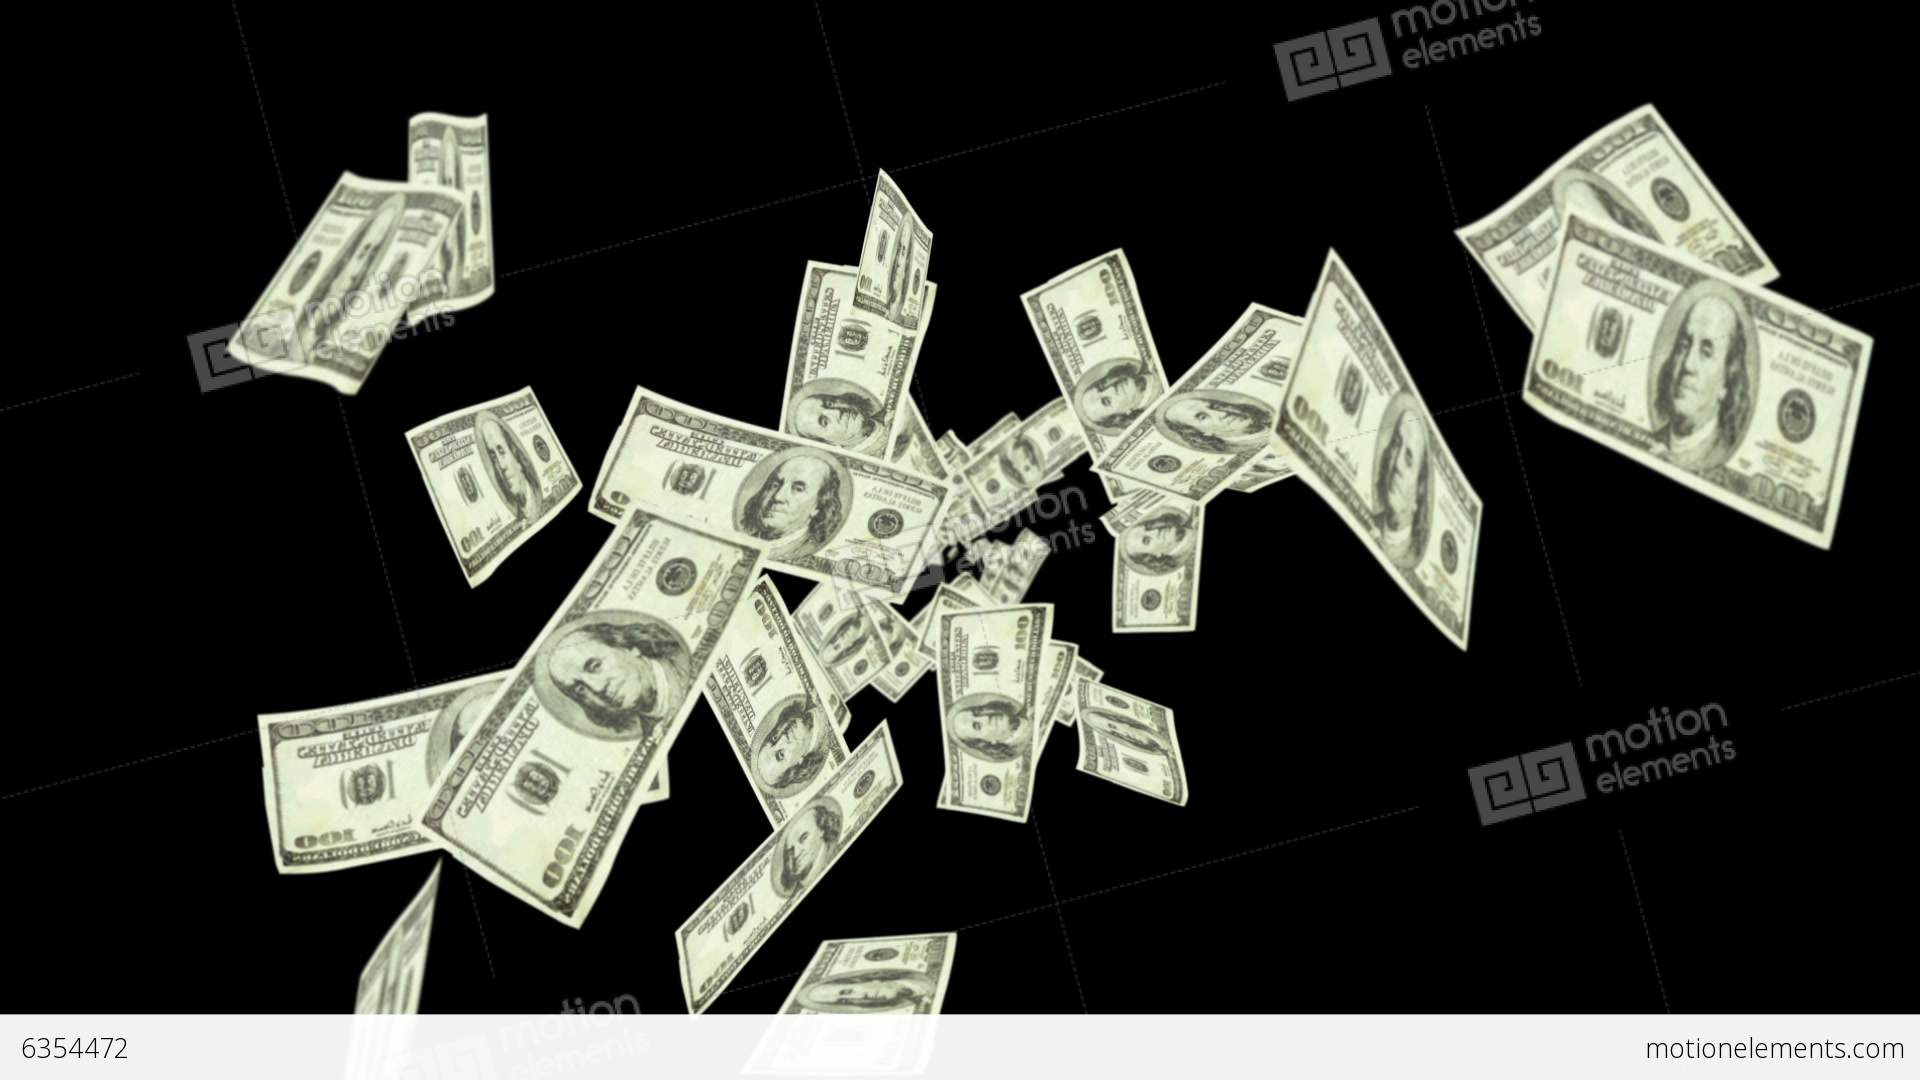 dollar bills falling on - photo #30